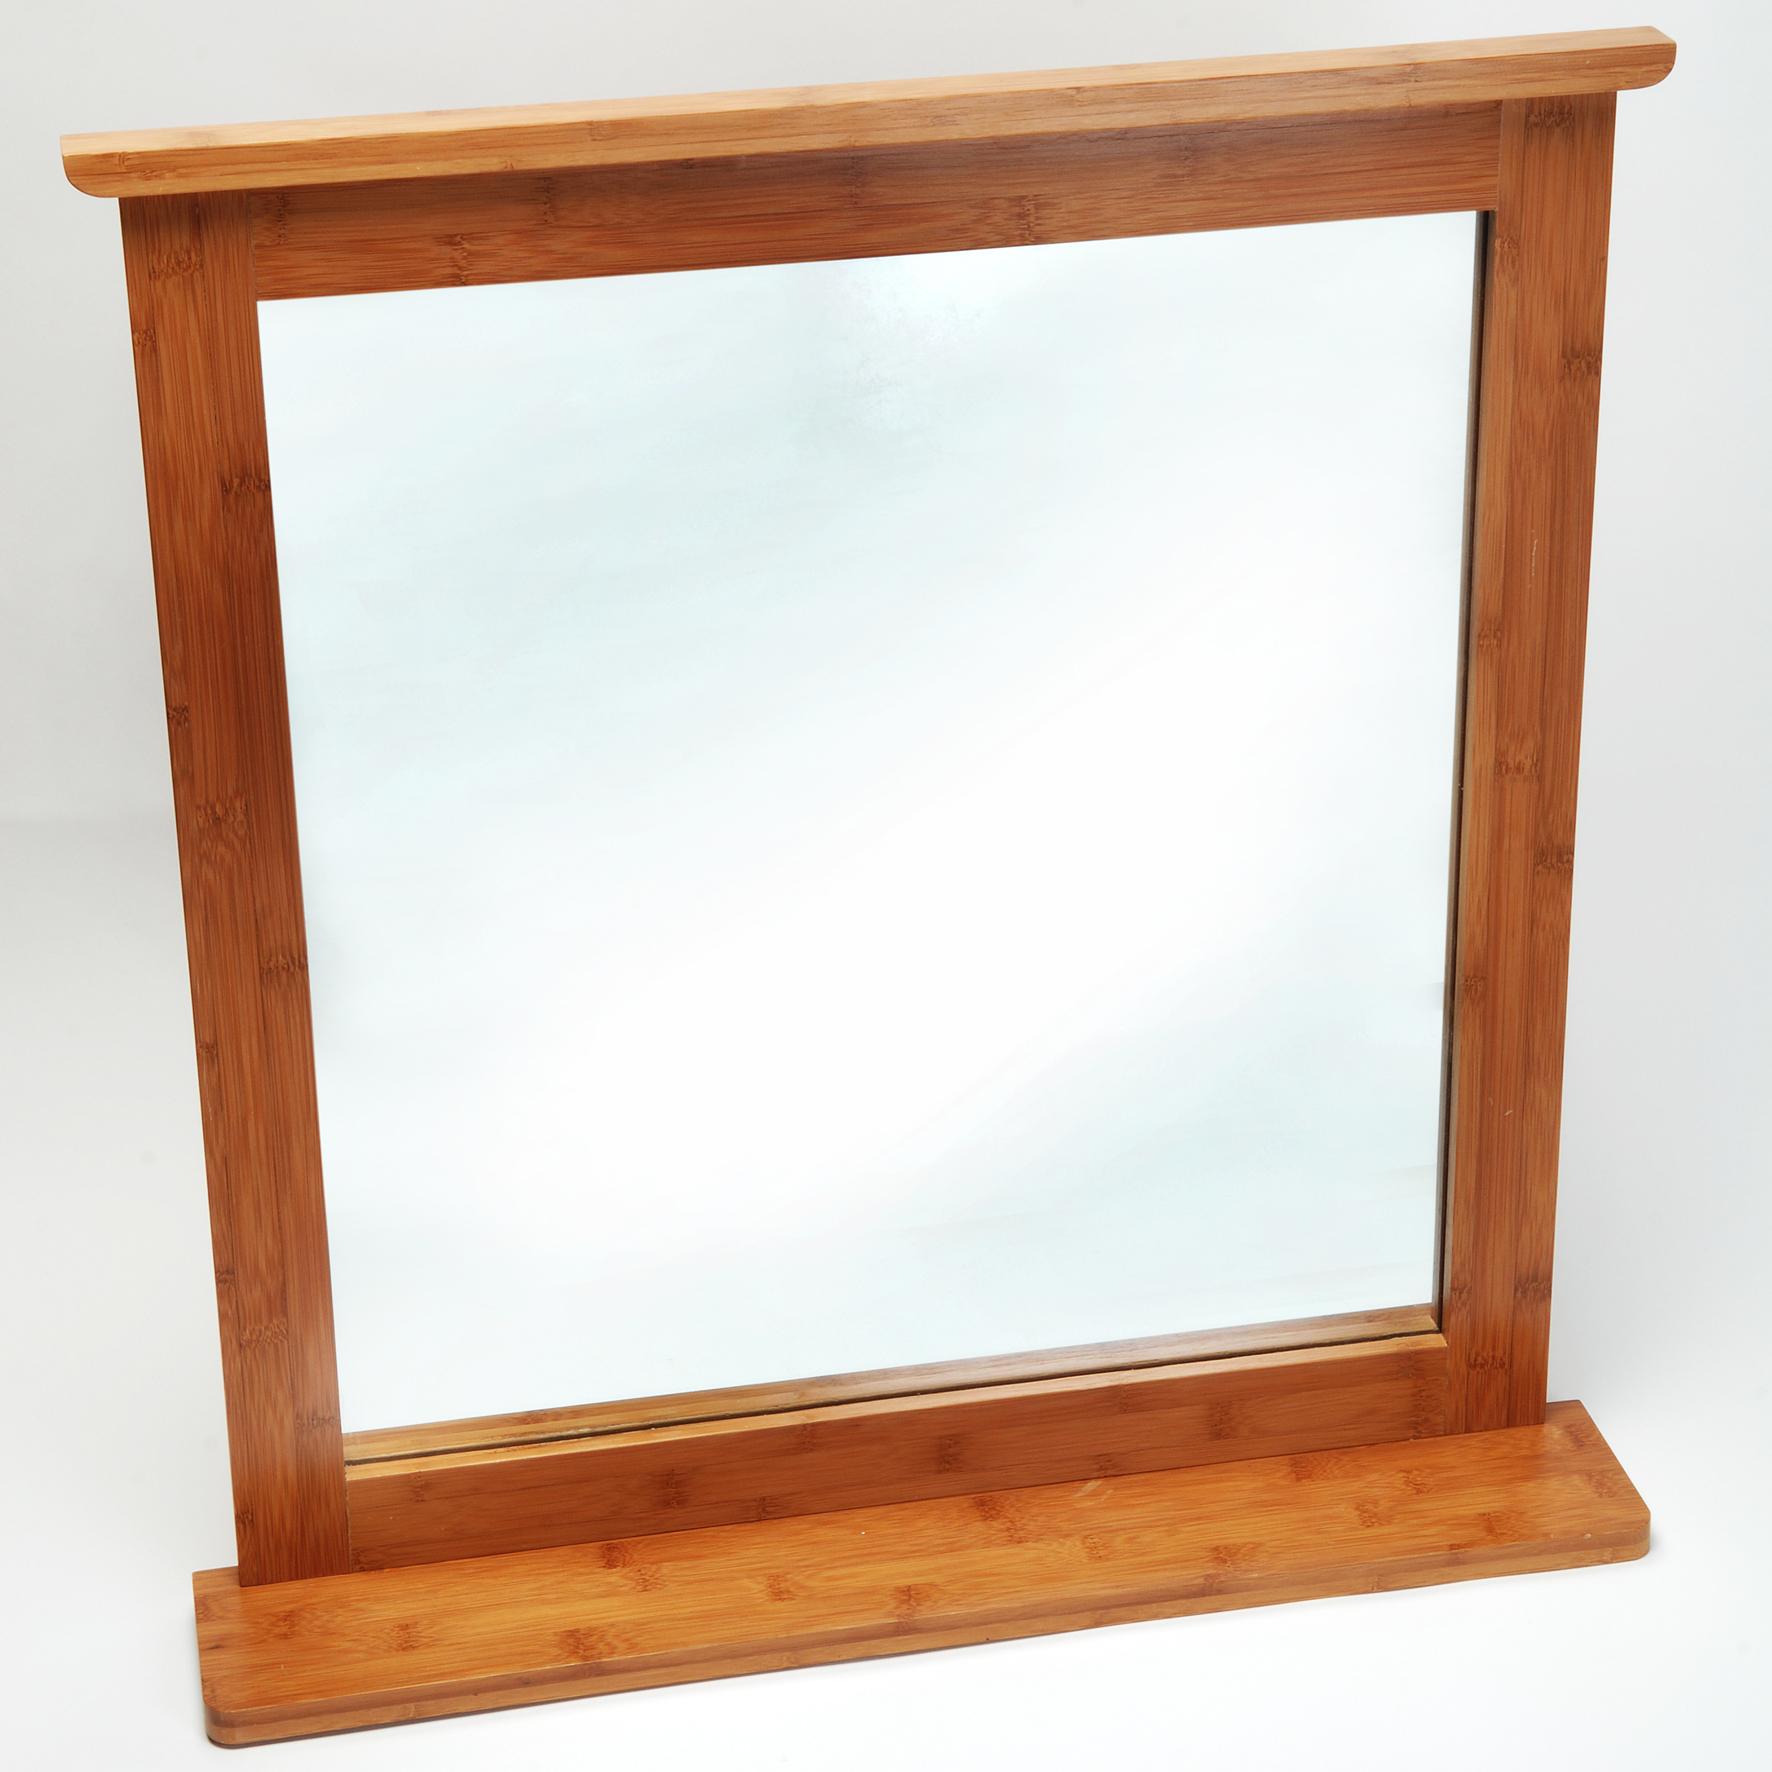 spiegel bambus mit ablage spiegel derbaumarktshop. Black Bedroom Furniture Sets. Home Design Ideas